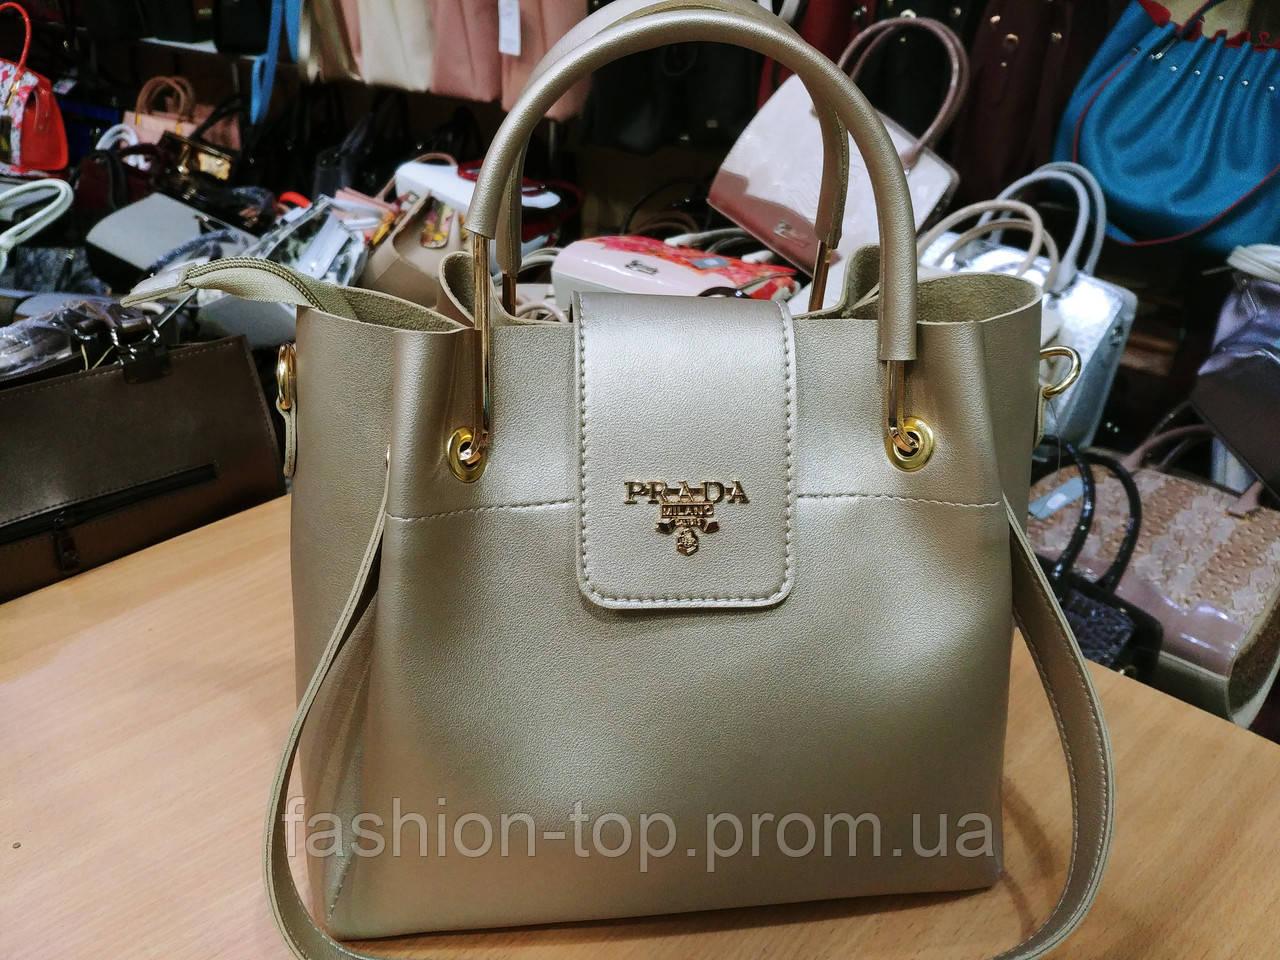 e1e0f1ff142d Женская сумка PRADA (реплика) - Интернет-магазин